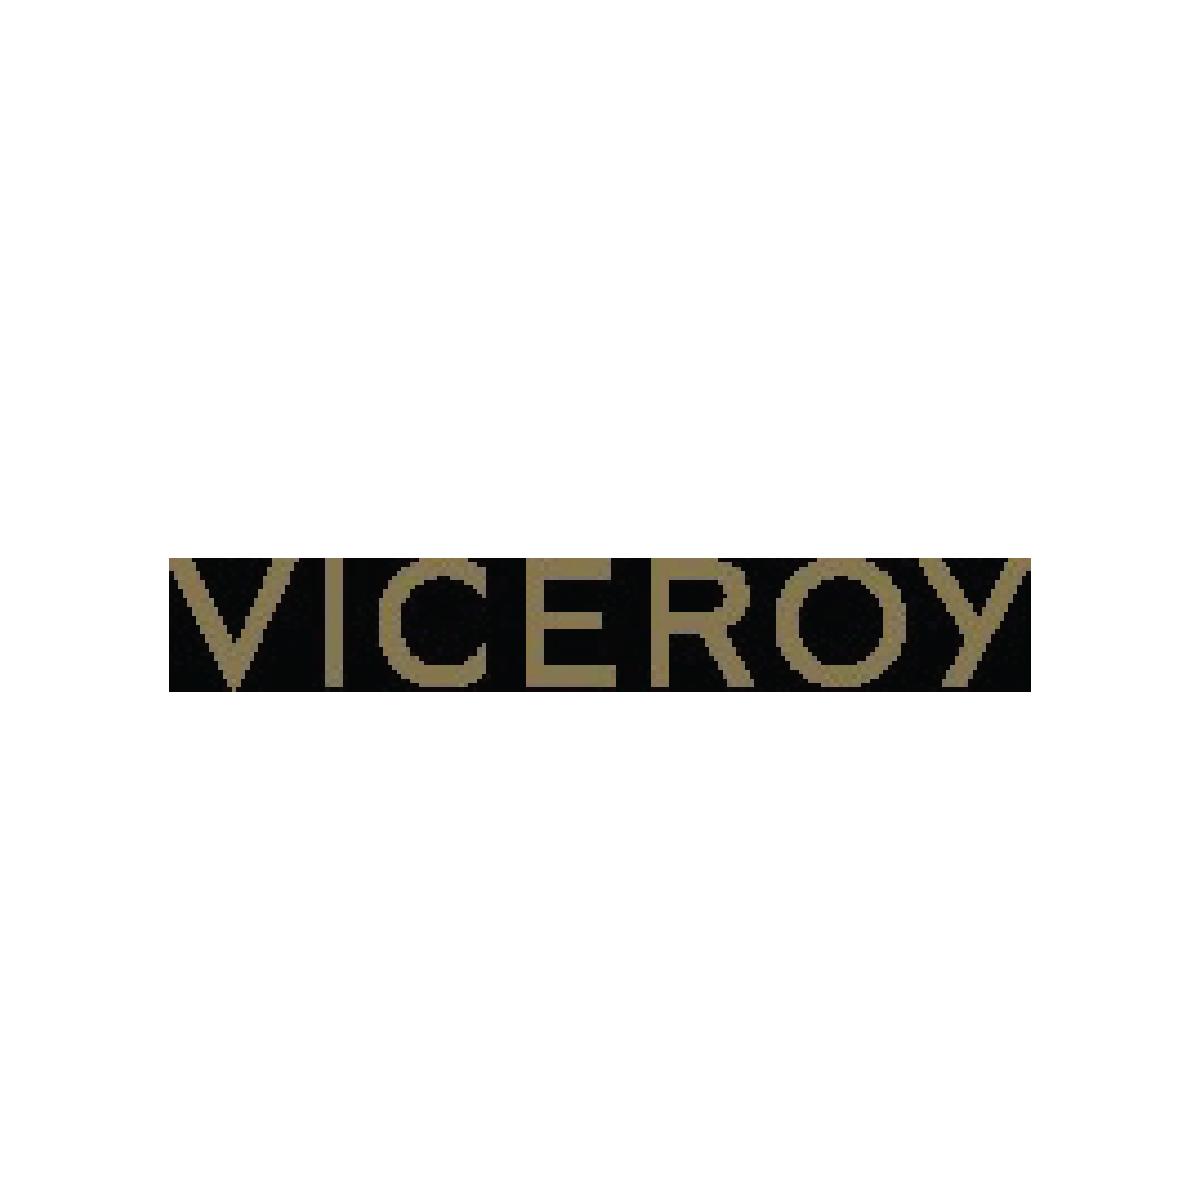 Insider_Viceroy-01.png